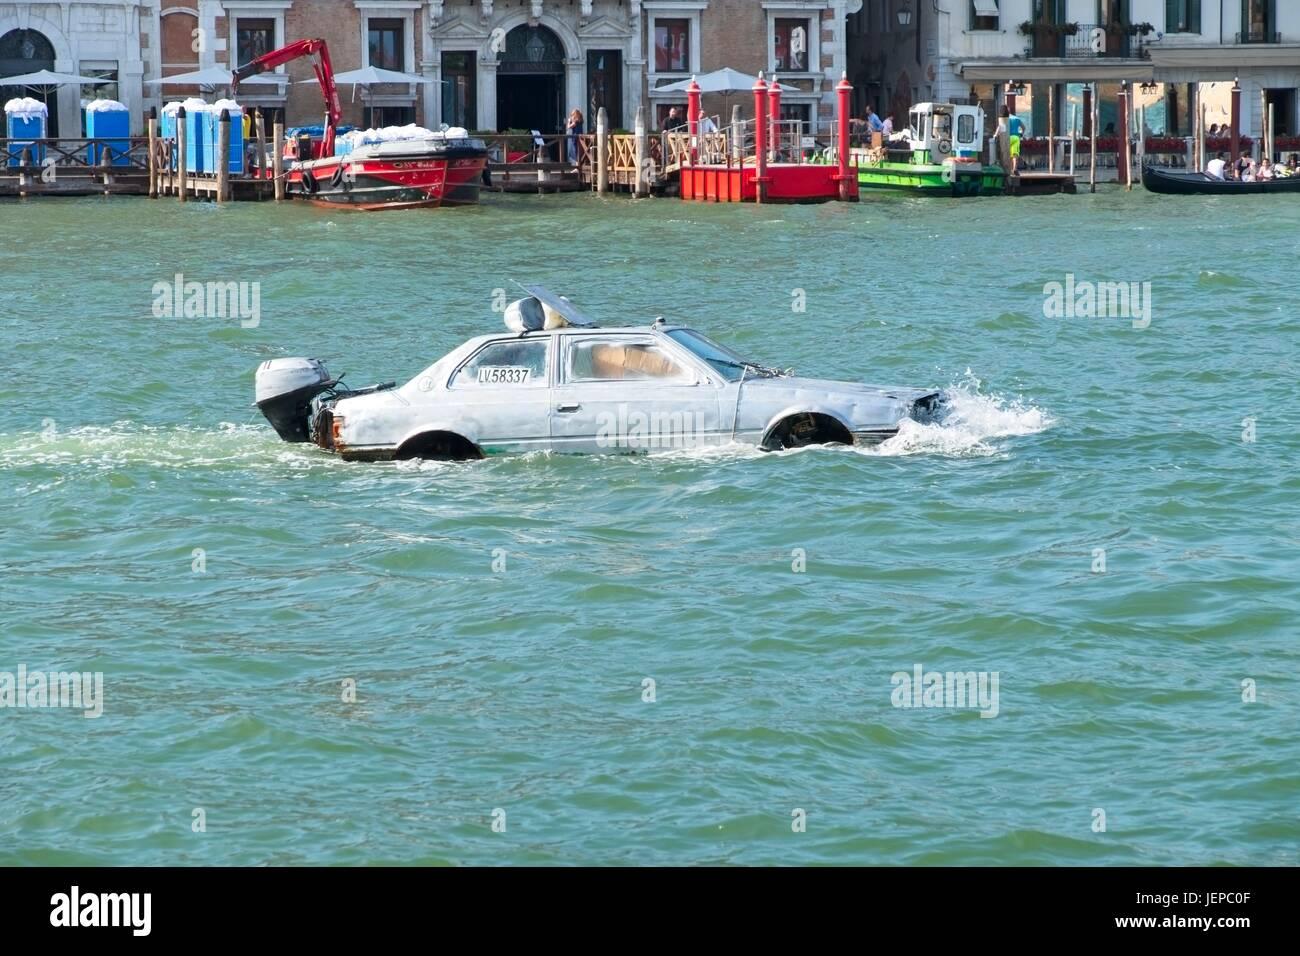 Venezia Veneto Italia. Marco Amoretti Maserati biturbo auto boat in the Gran Canal. This modified car was used to - Stock Image